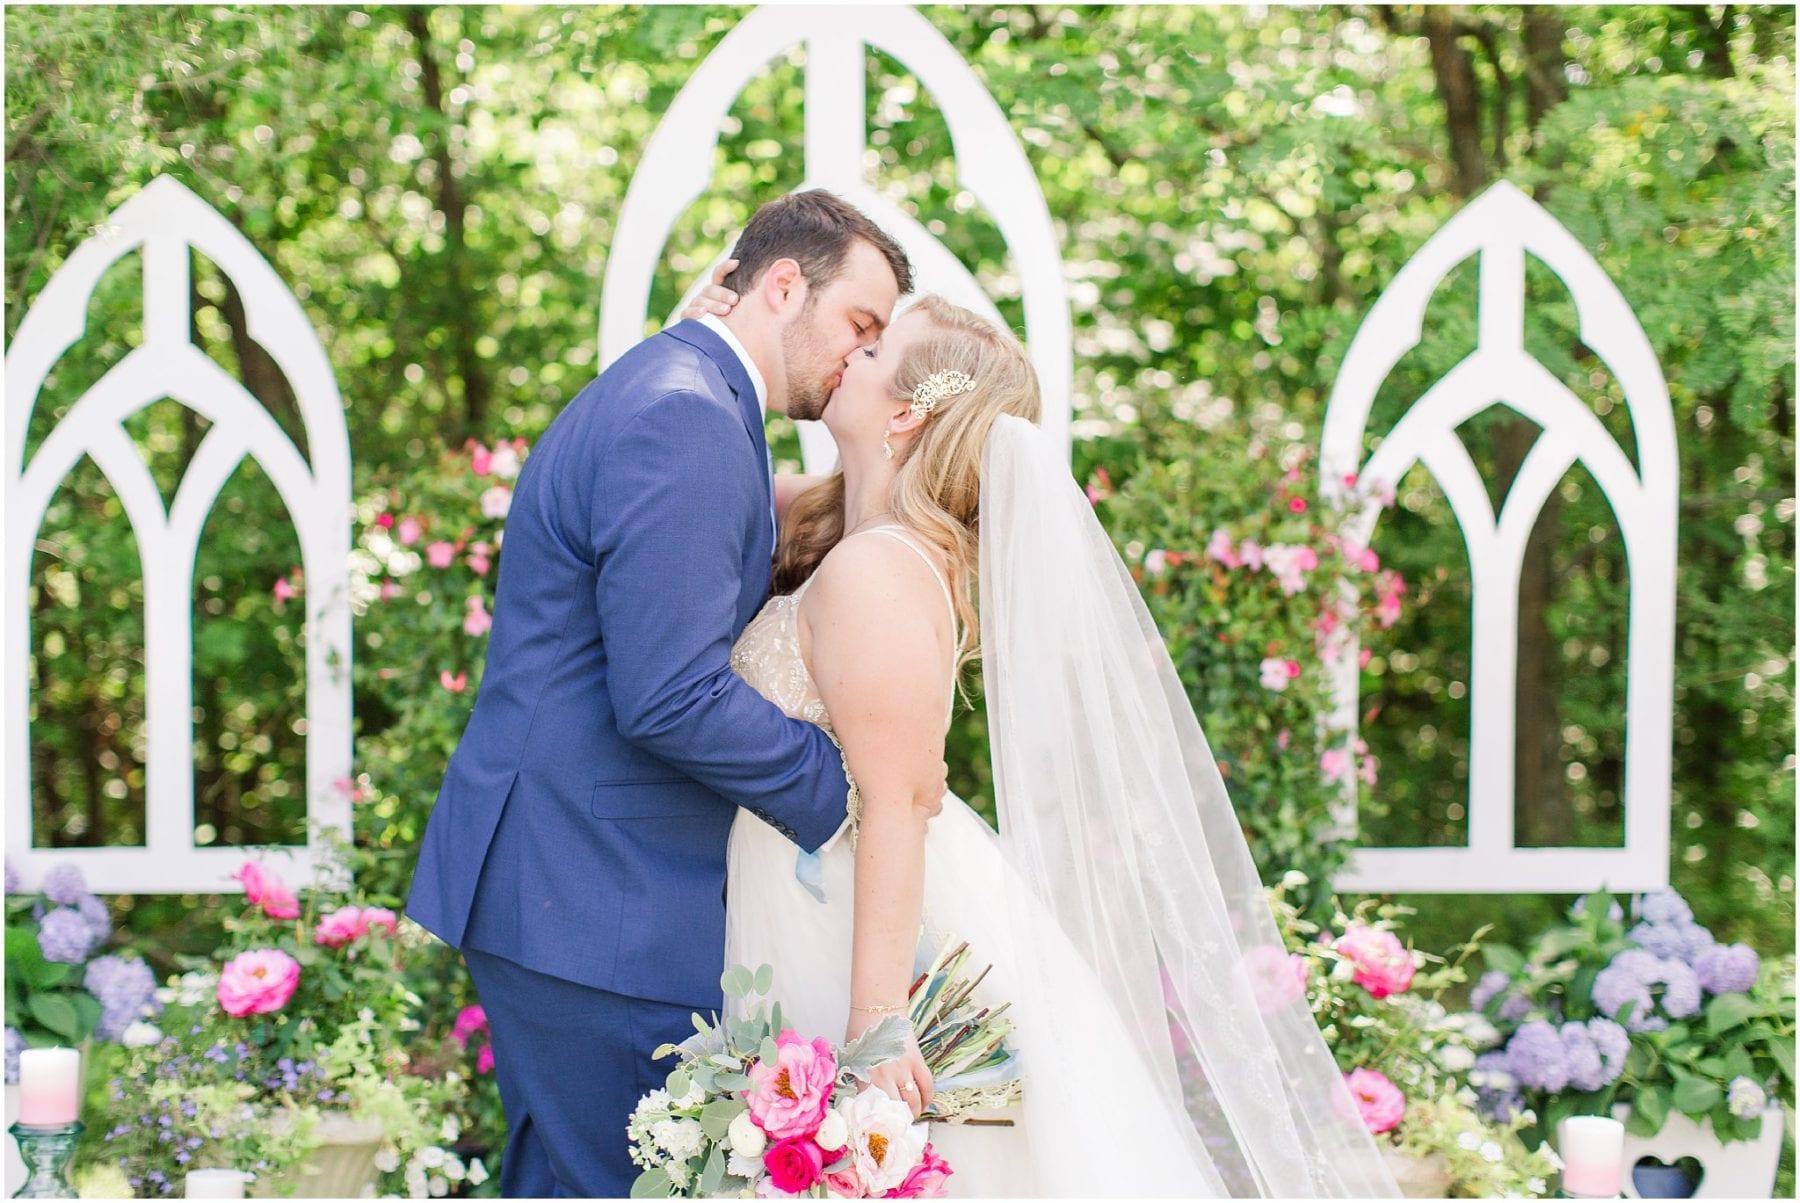 Maryland Backyard Wedding Photos Kelly & Zach Megan Kelsey Photography-98.jpg